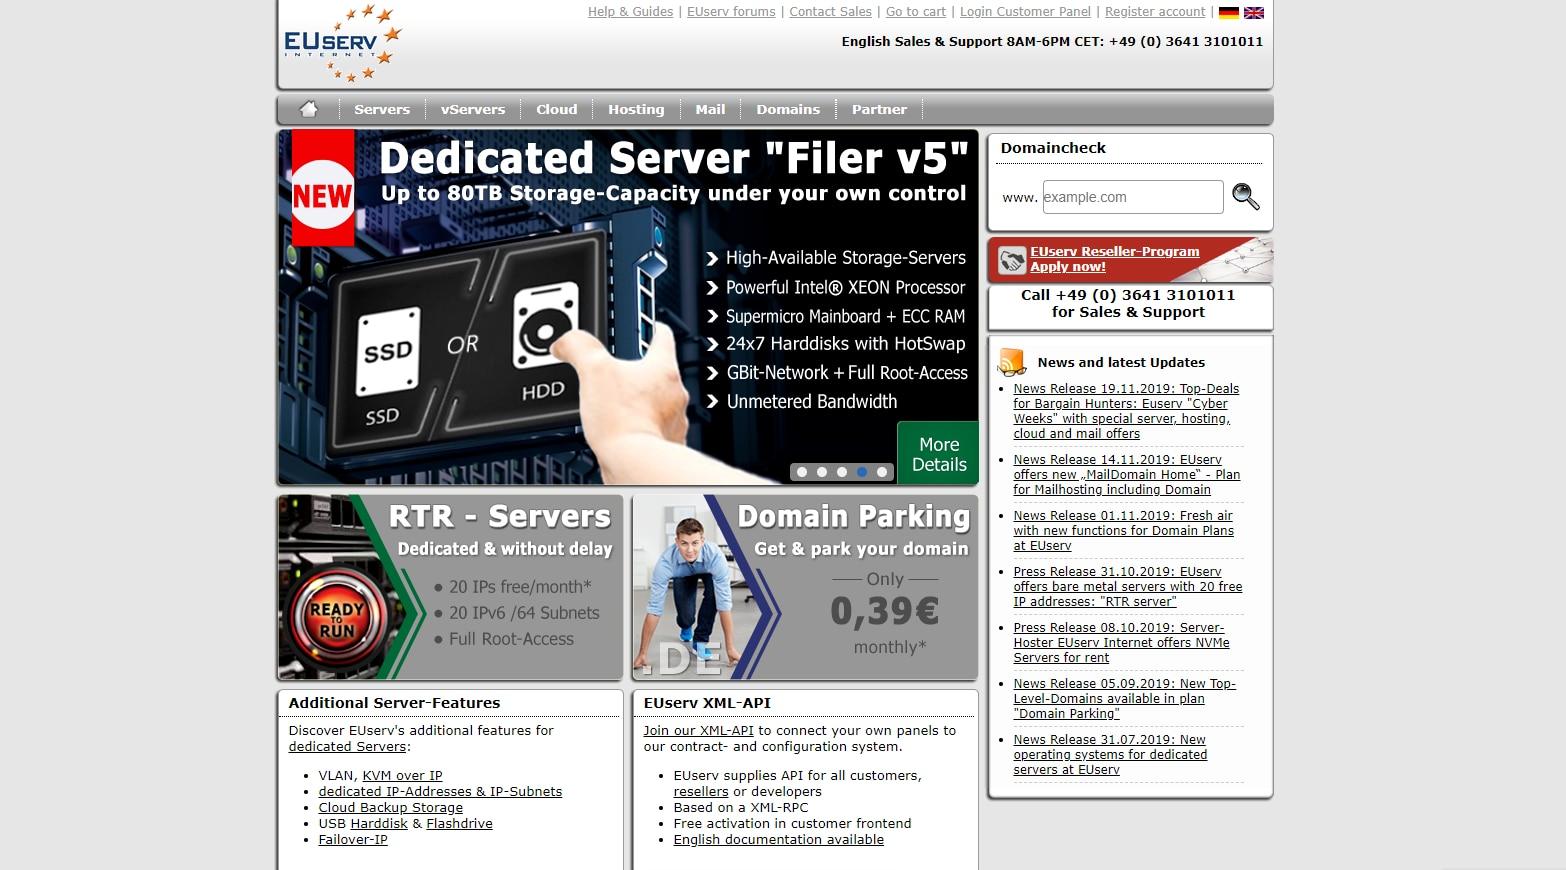 EUserv 德国永久免费VPS申请,仅有IPv6网络